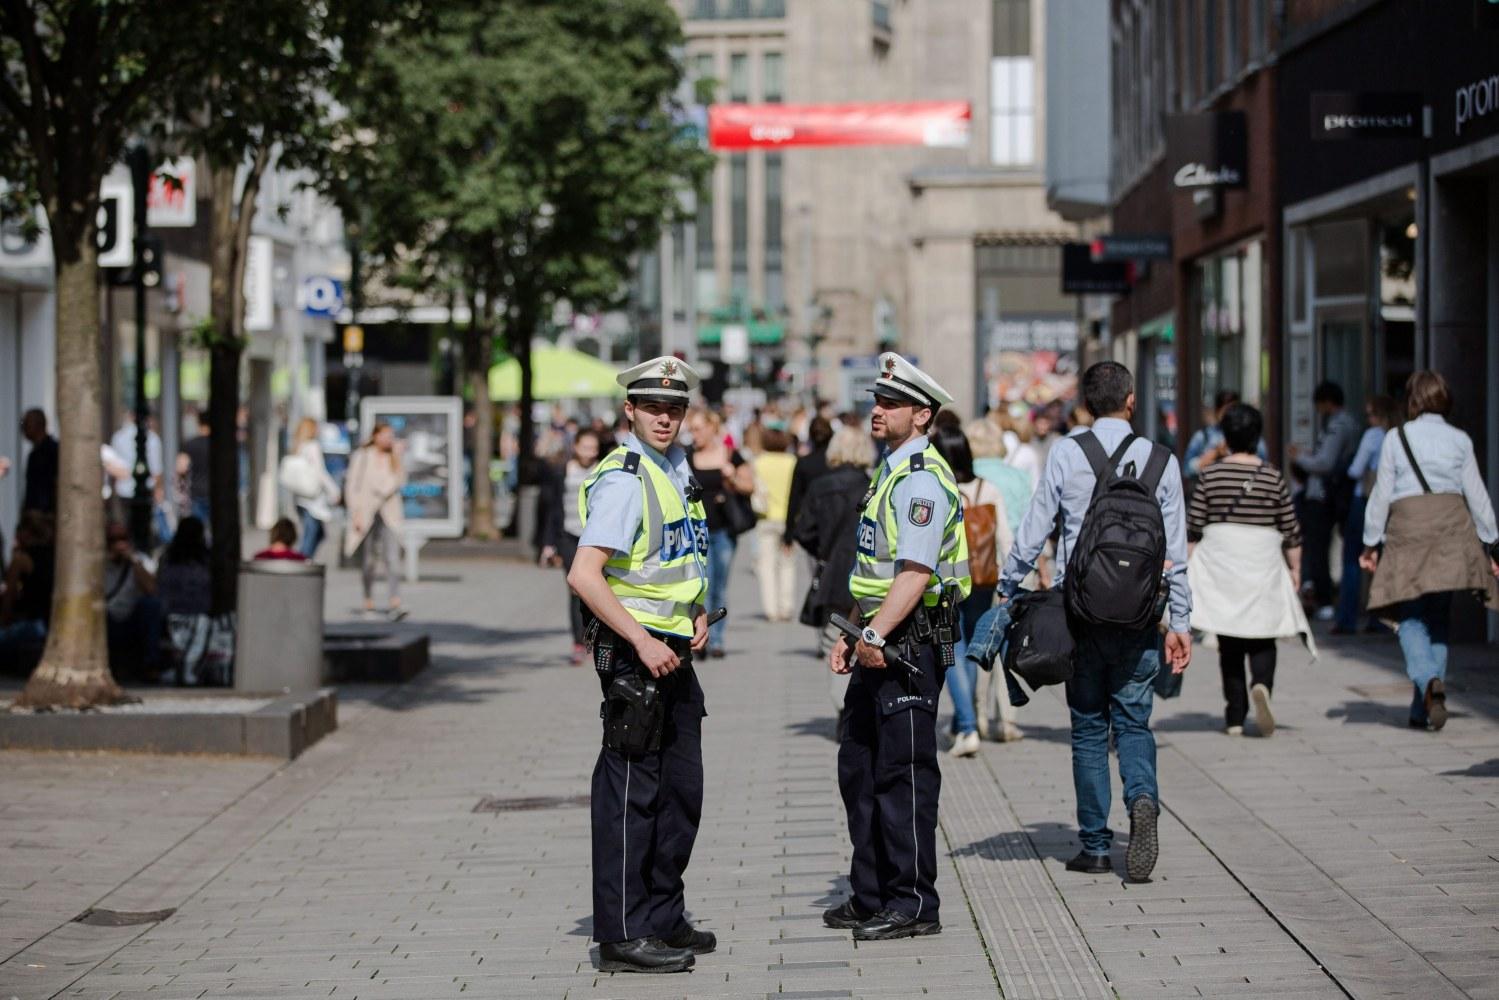 Polizei Versteigerung DГјГџeldorf